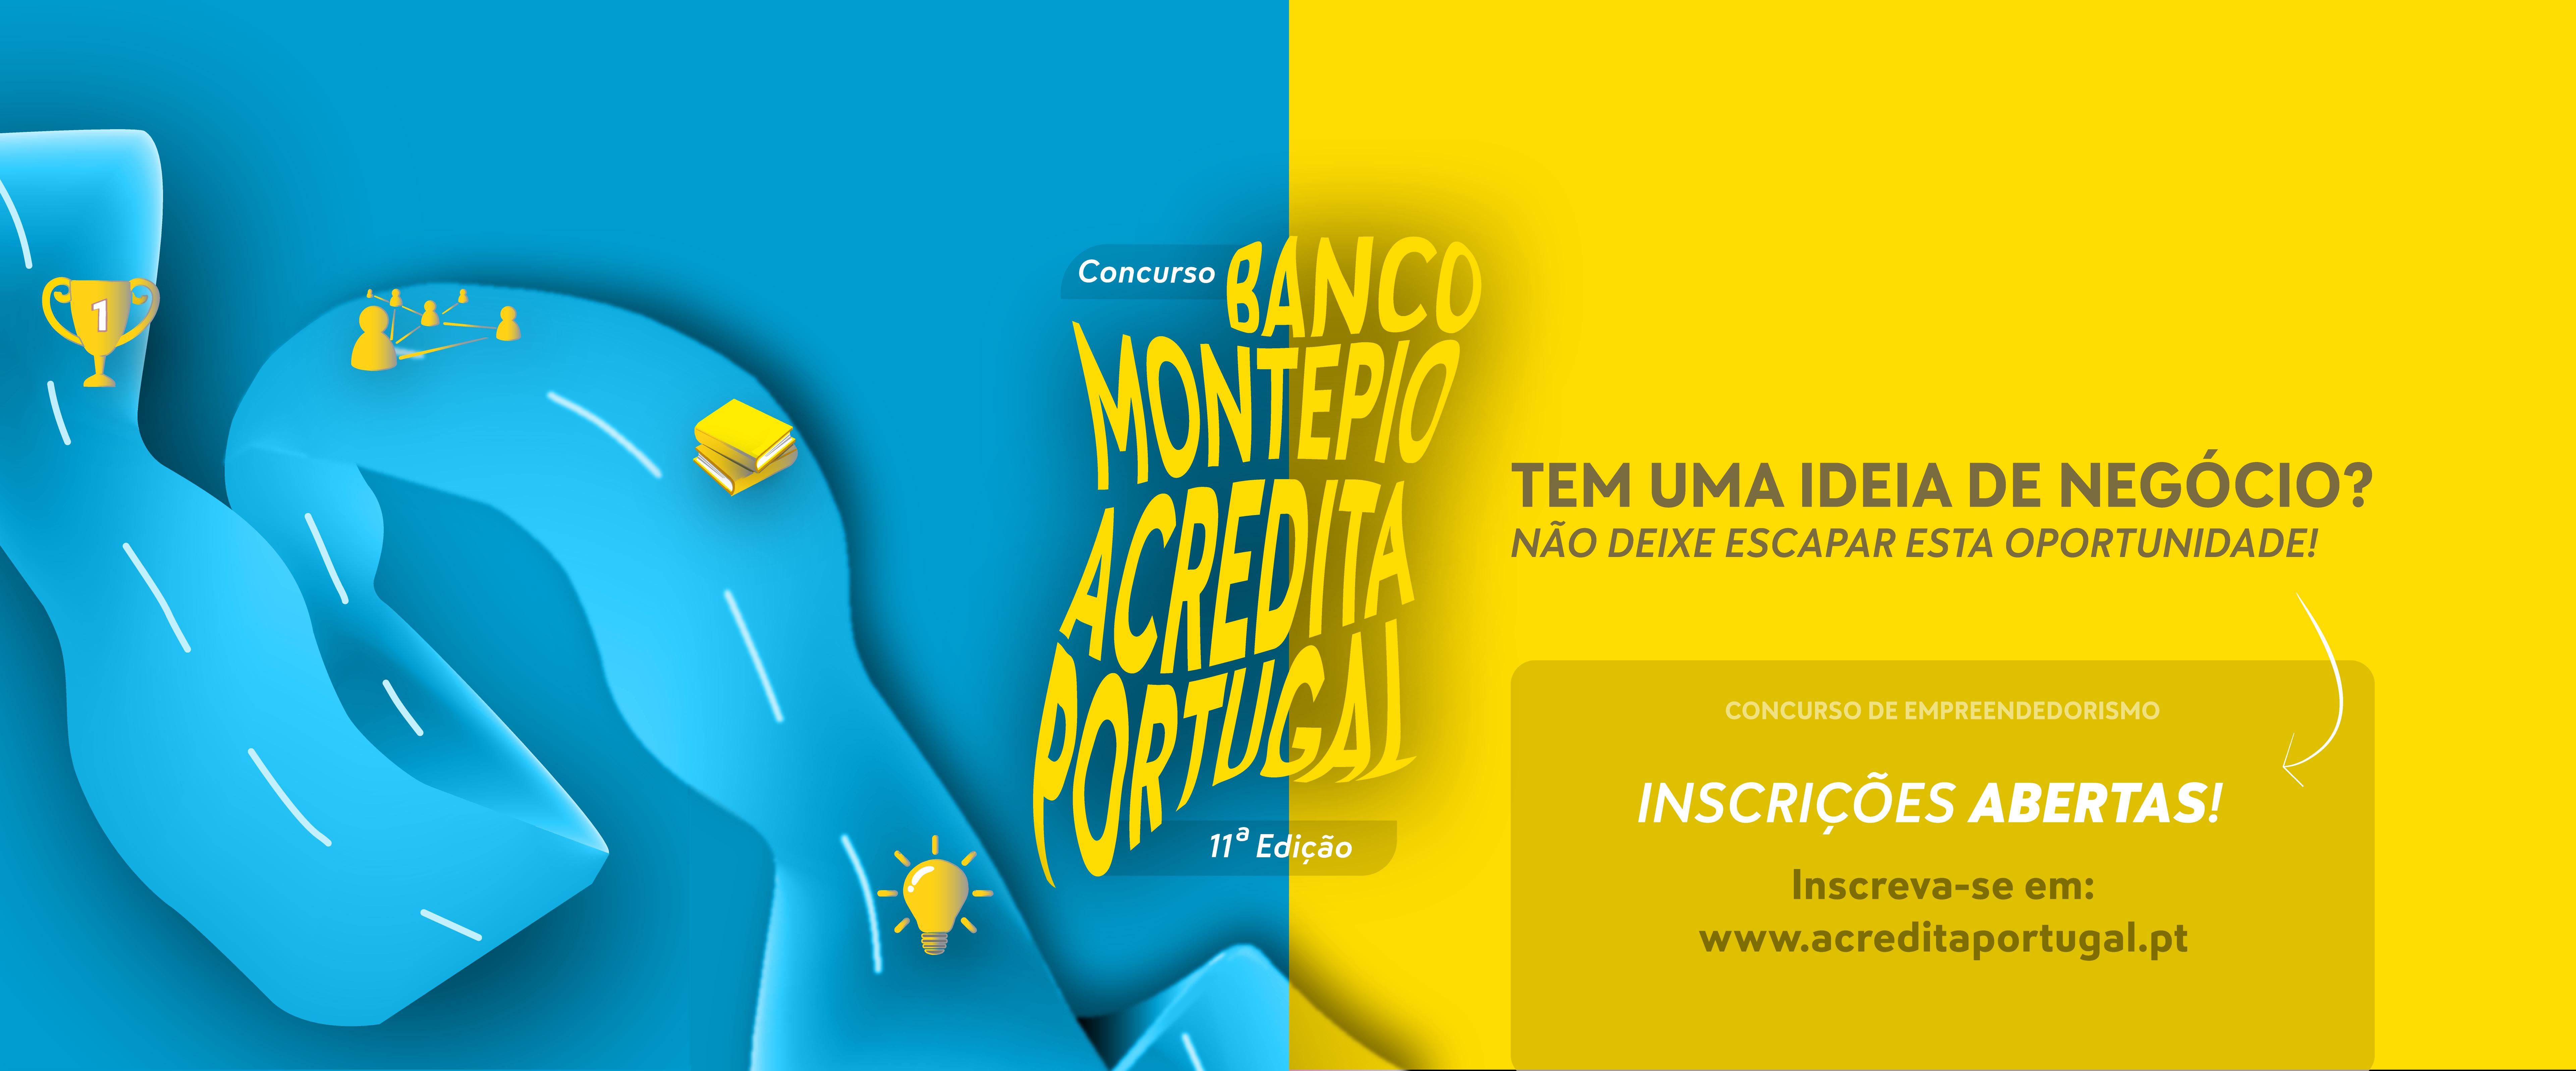 Divulgação Capa Concurso Montepio Acredita Portugal